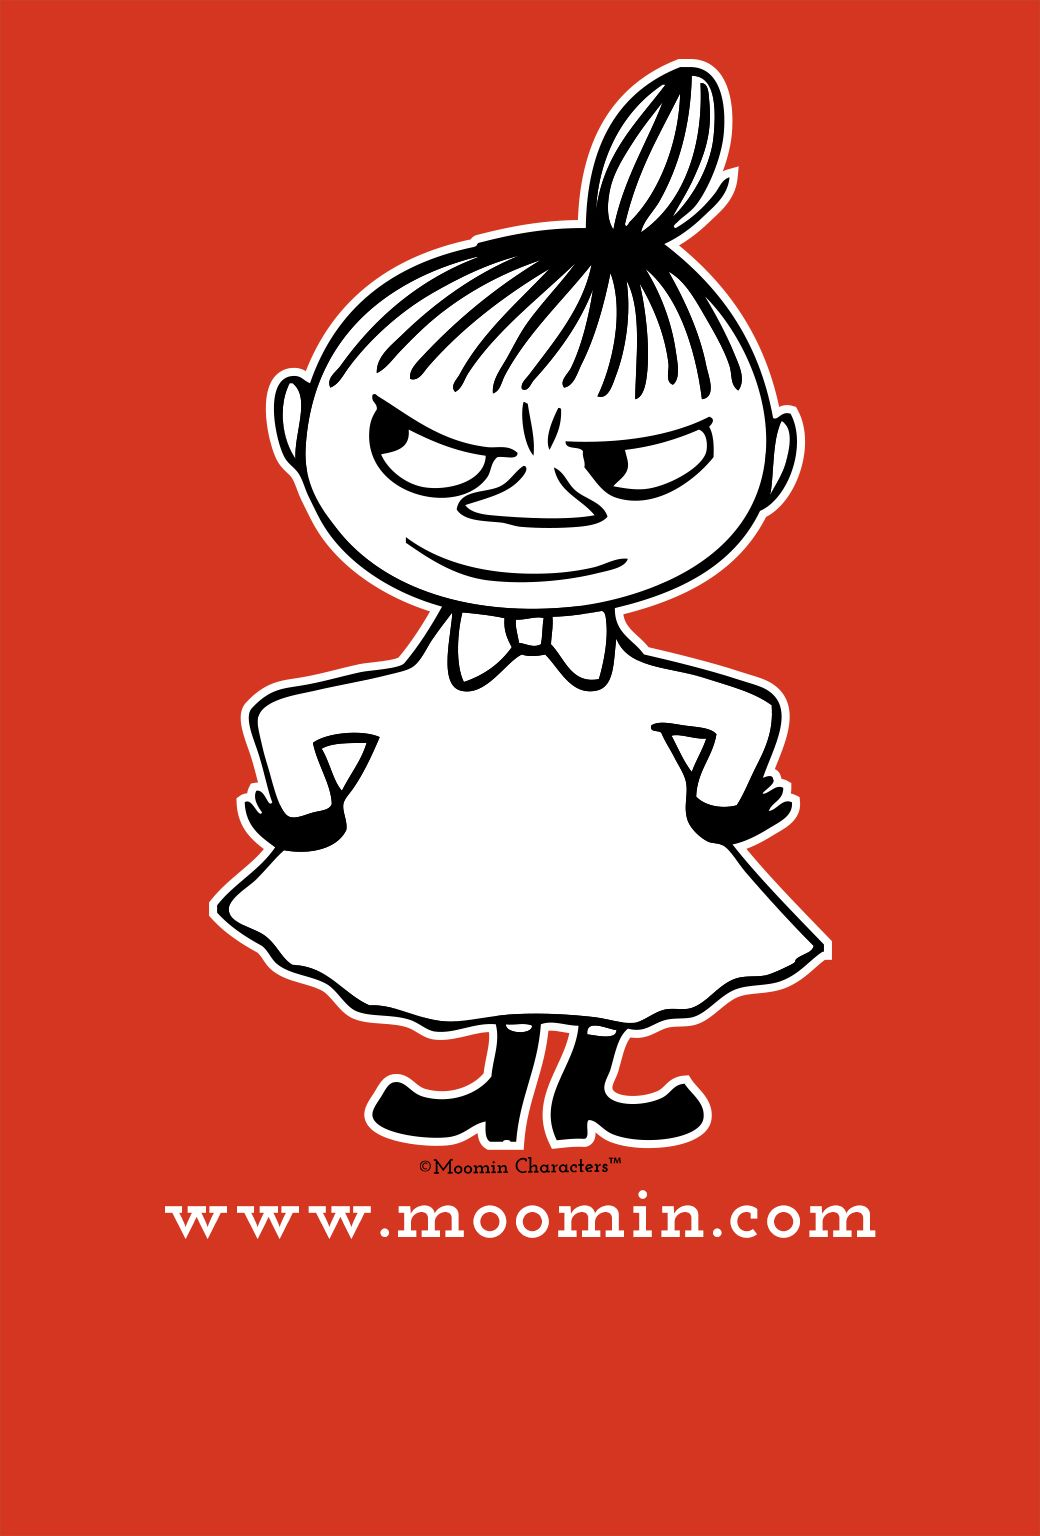 画像 ムーミンmoomin のスマホ壁紙 ホームロック画面 画像 北欧可愛い リトルミイ 画像 刺繍 図案 プラバン かわいい